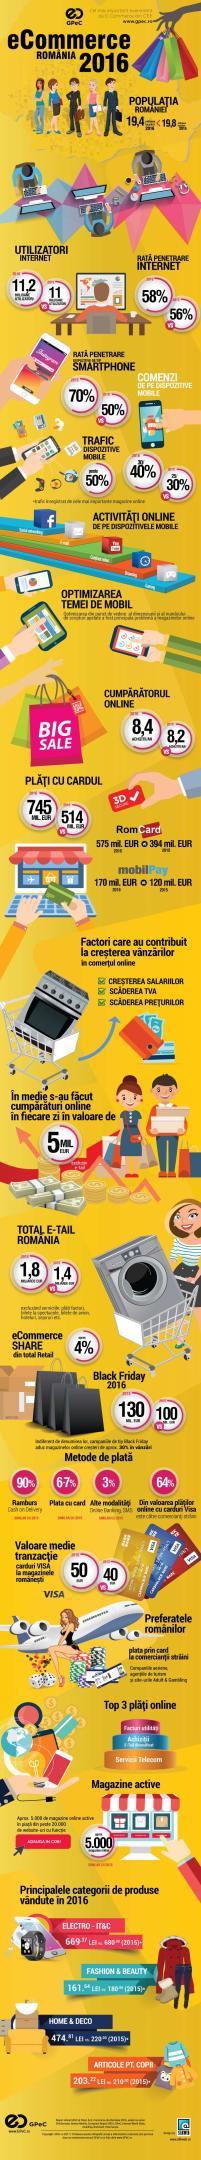 Românii au cheltuit aprox. 5 MILIOANE de Euro în FIECARE ZI pentru cumpărături prin internet în 2016! 1